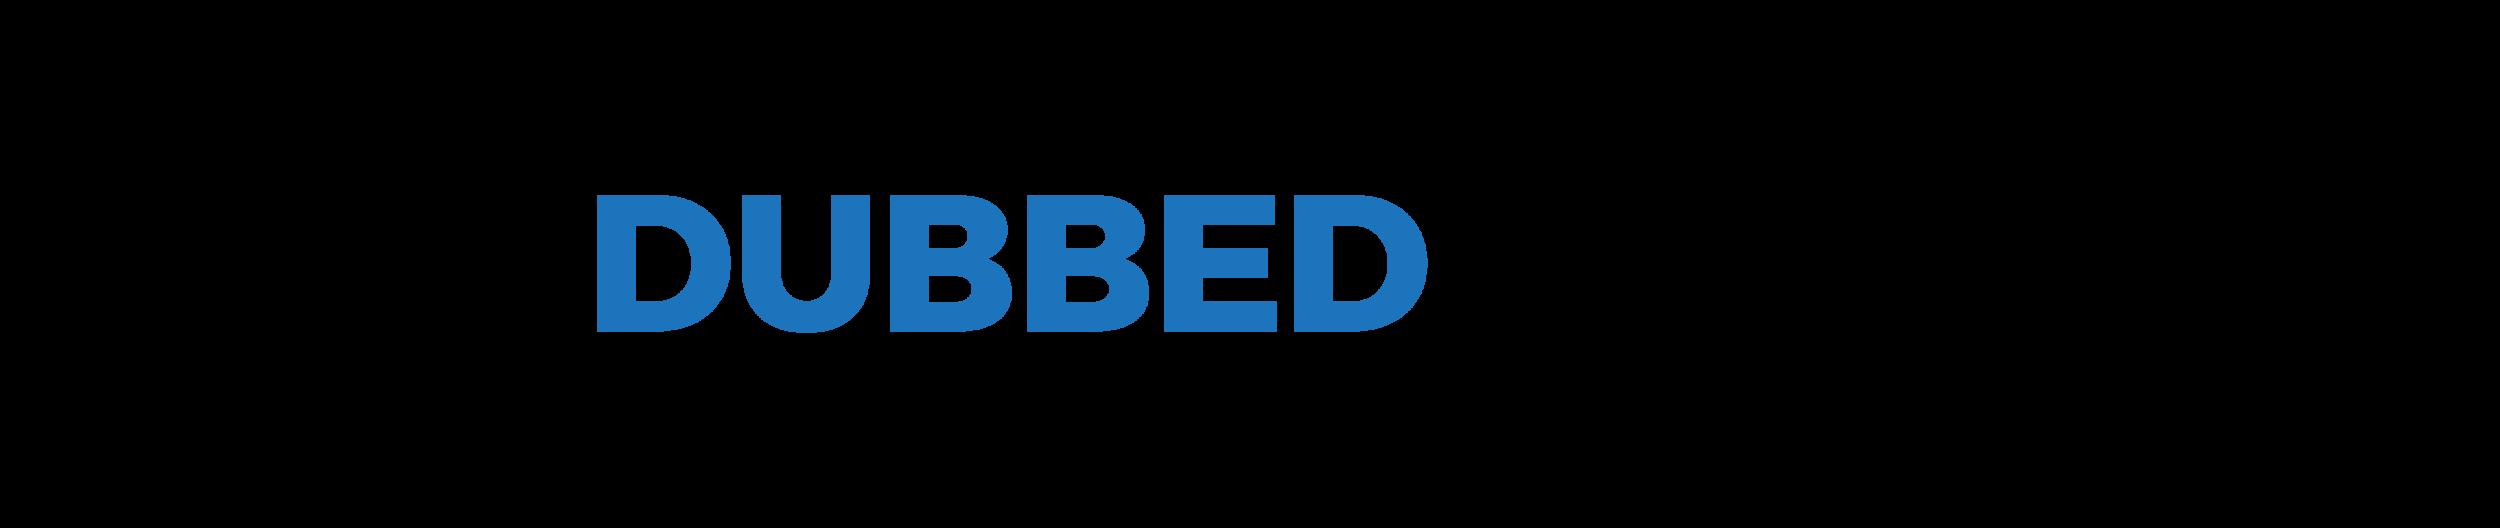 logo5 (1).png